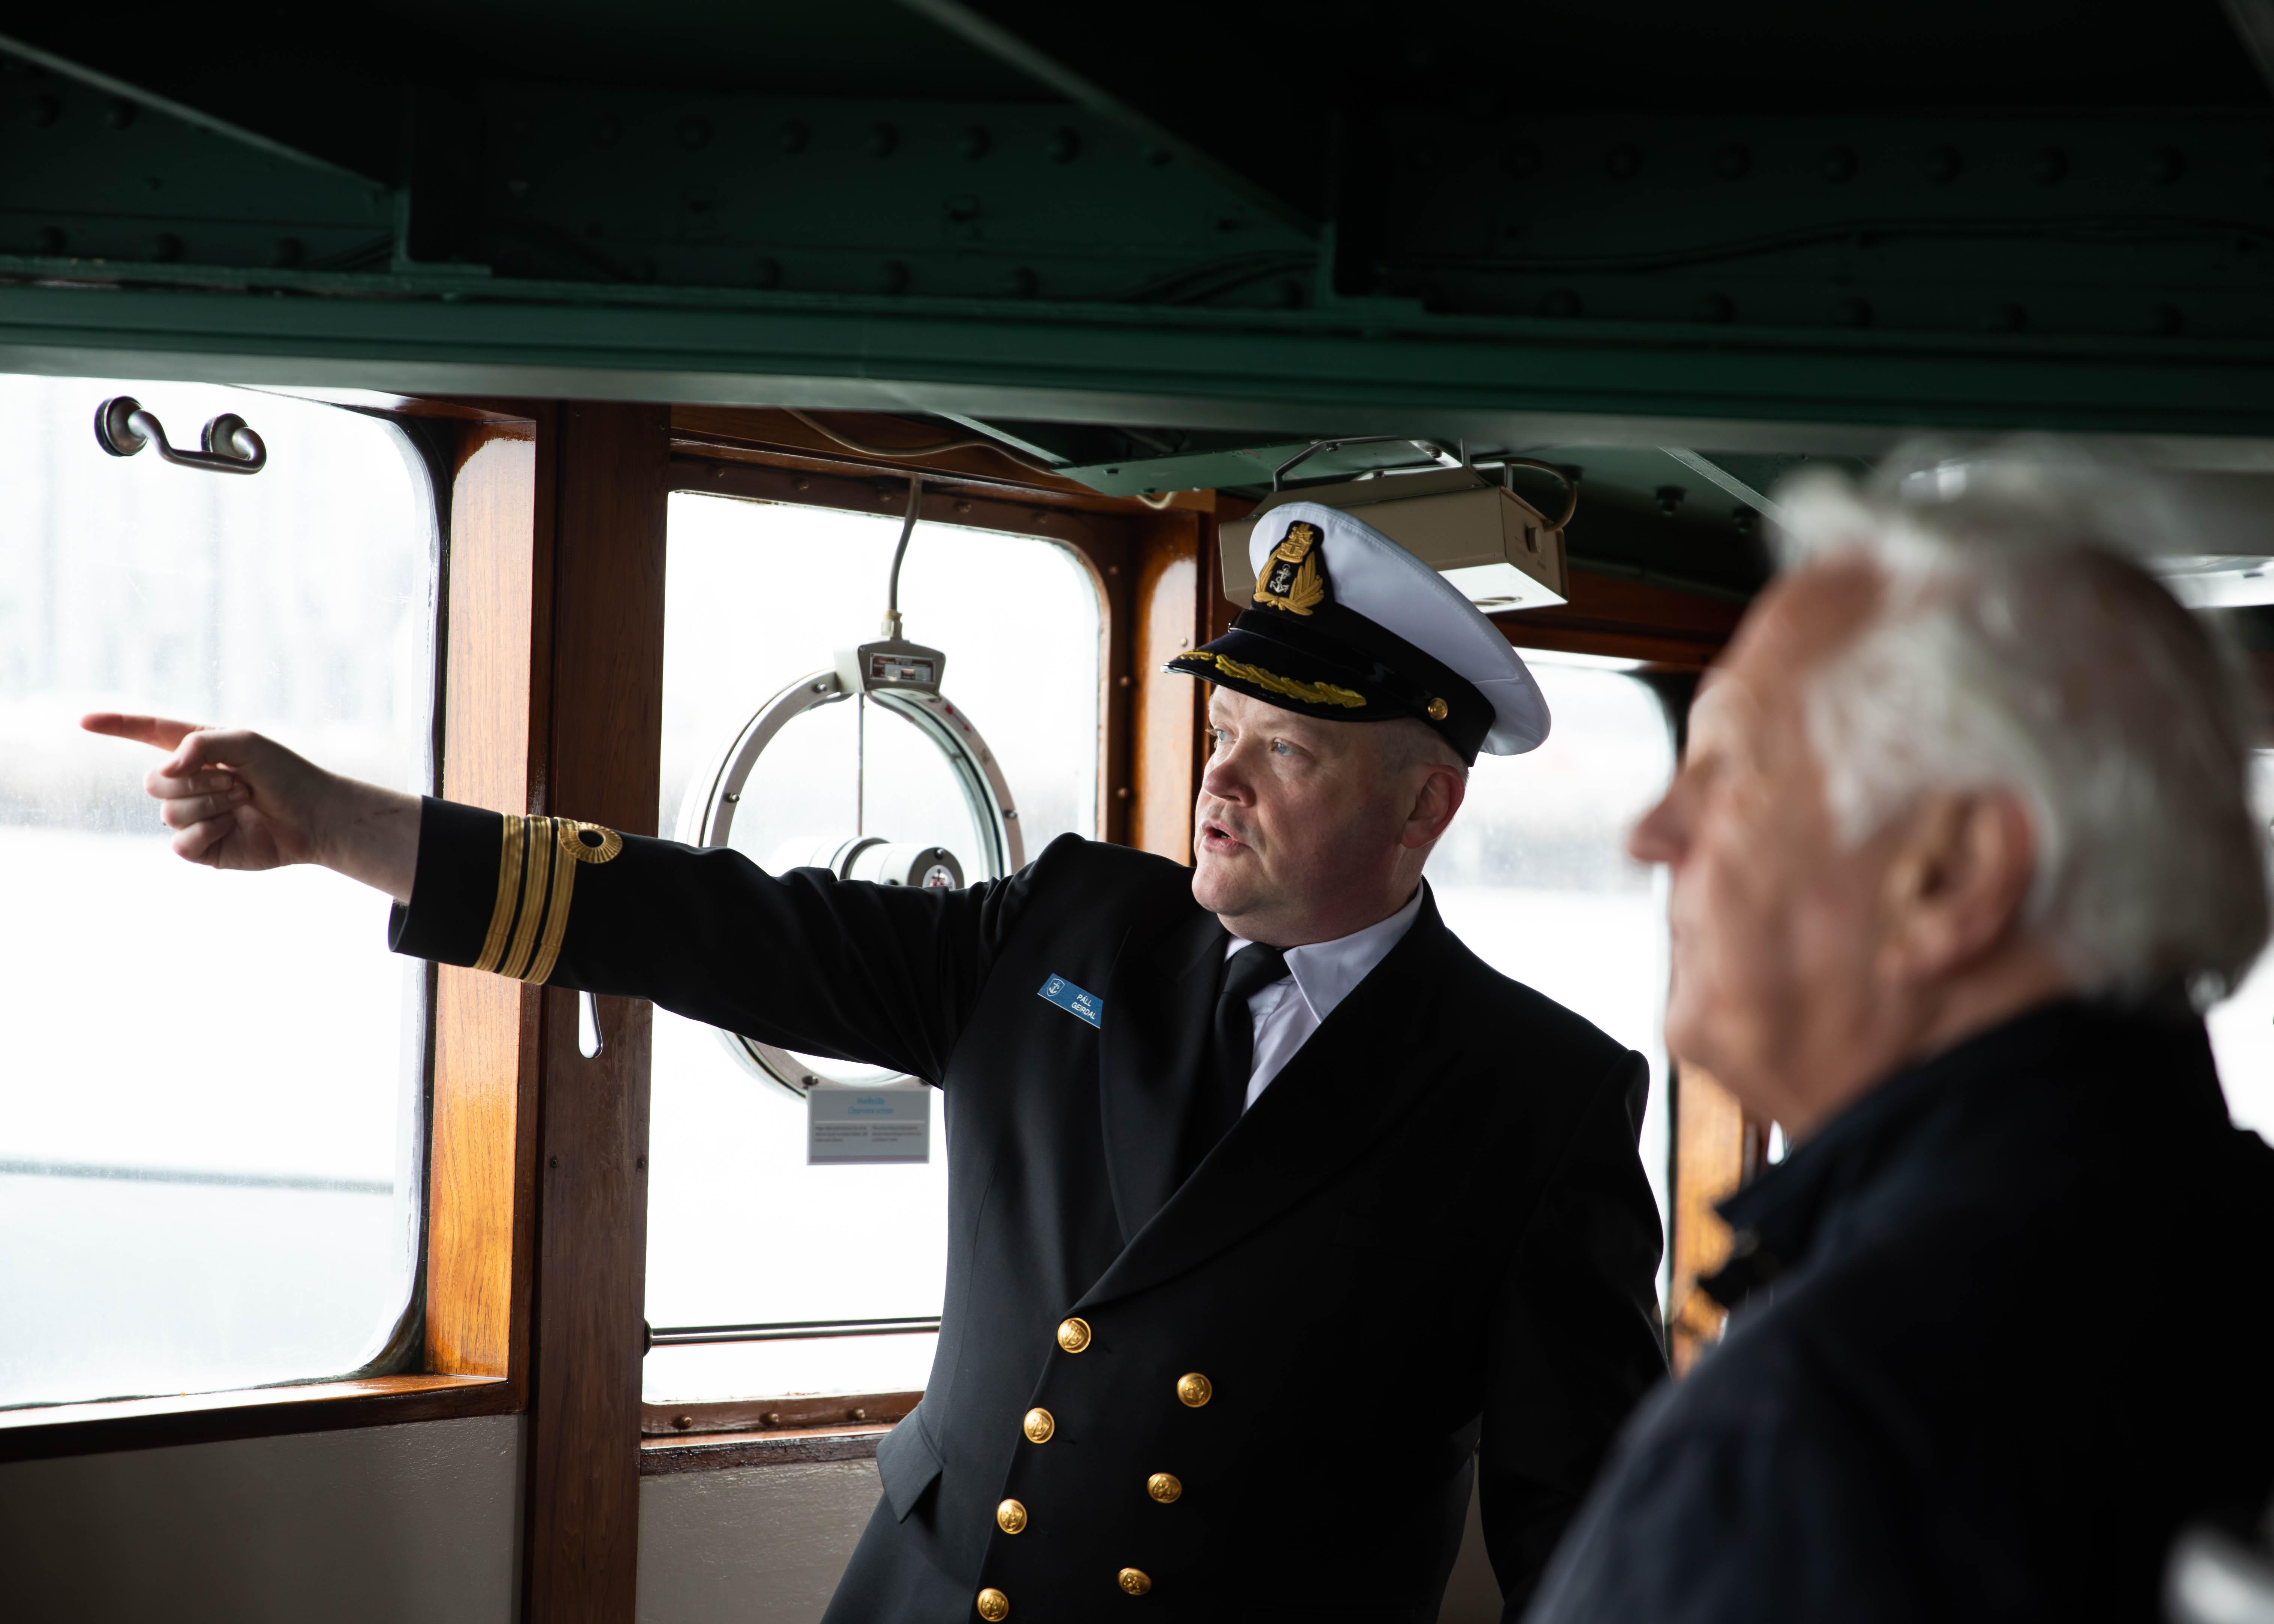 Kapteinninn og formaðurinn